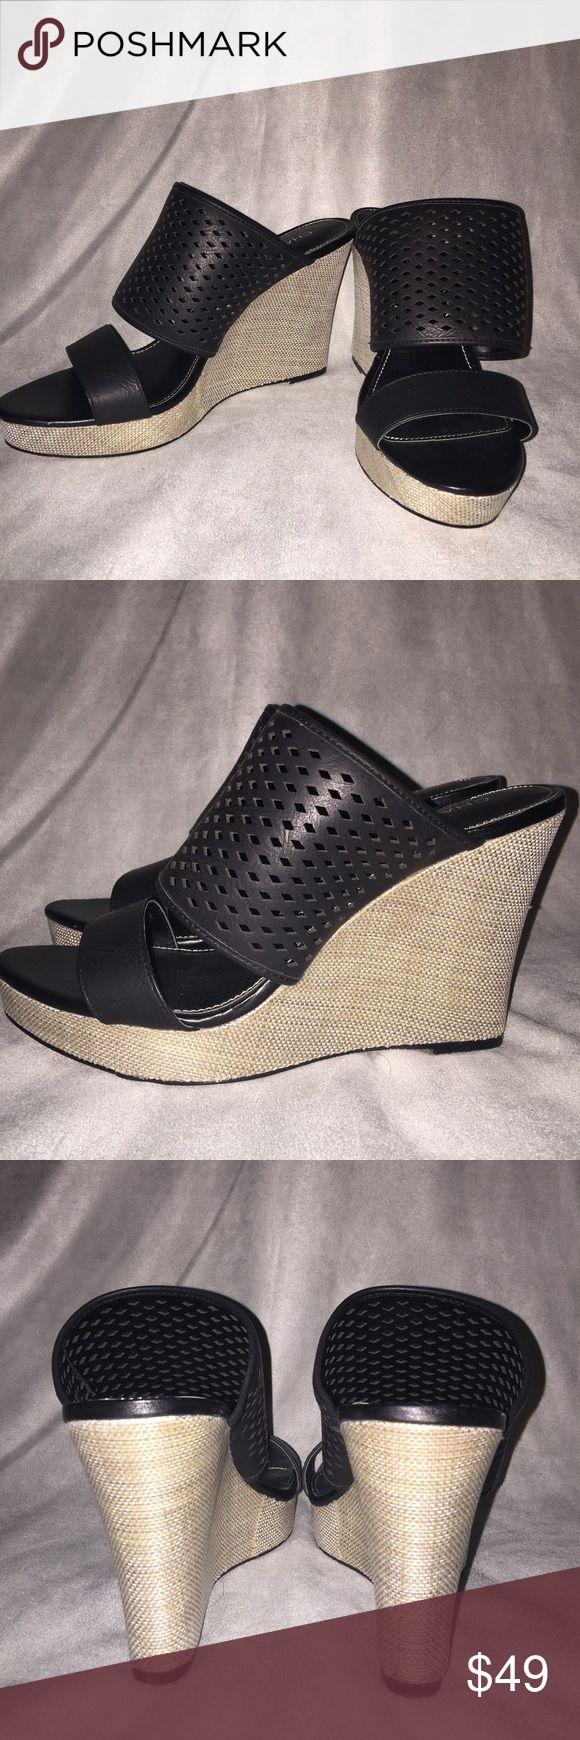 """CHARLES DAVID Black Wedge Sandal (10) NEW CHARLES DAVID Black Wedge Sandal (10) NEW NO Box (Retail: $99)  *Open toe *Cutout detail *Slip on *Wedge heel *Approx. 4.5"""" heel Charles David Shoes Wedges"""